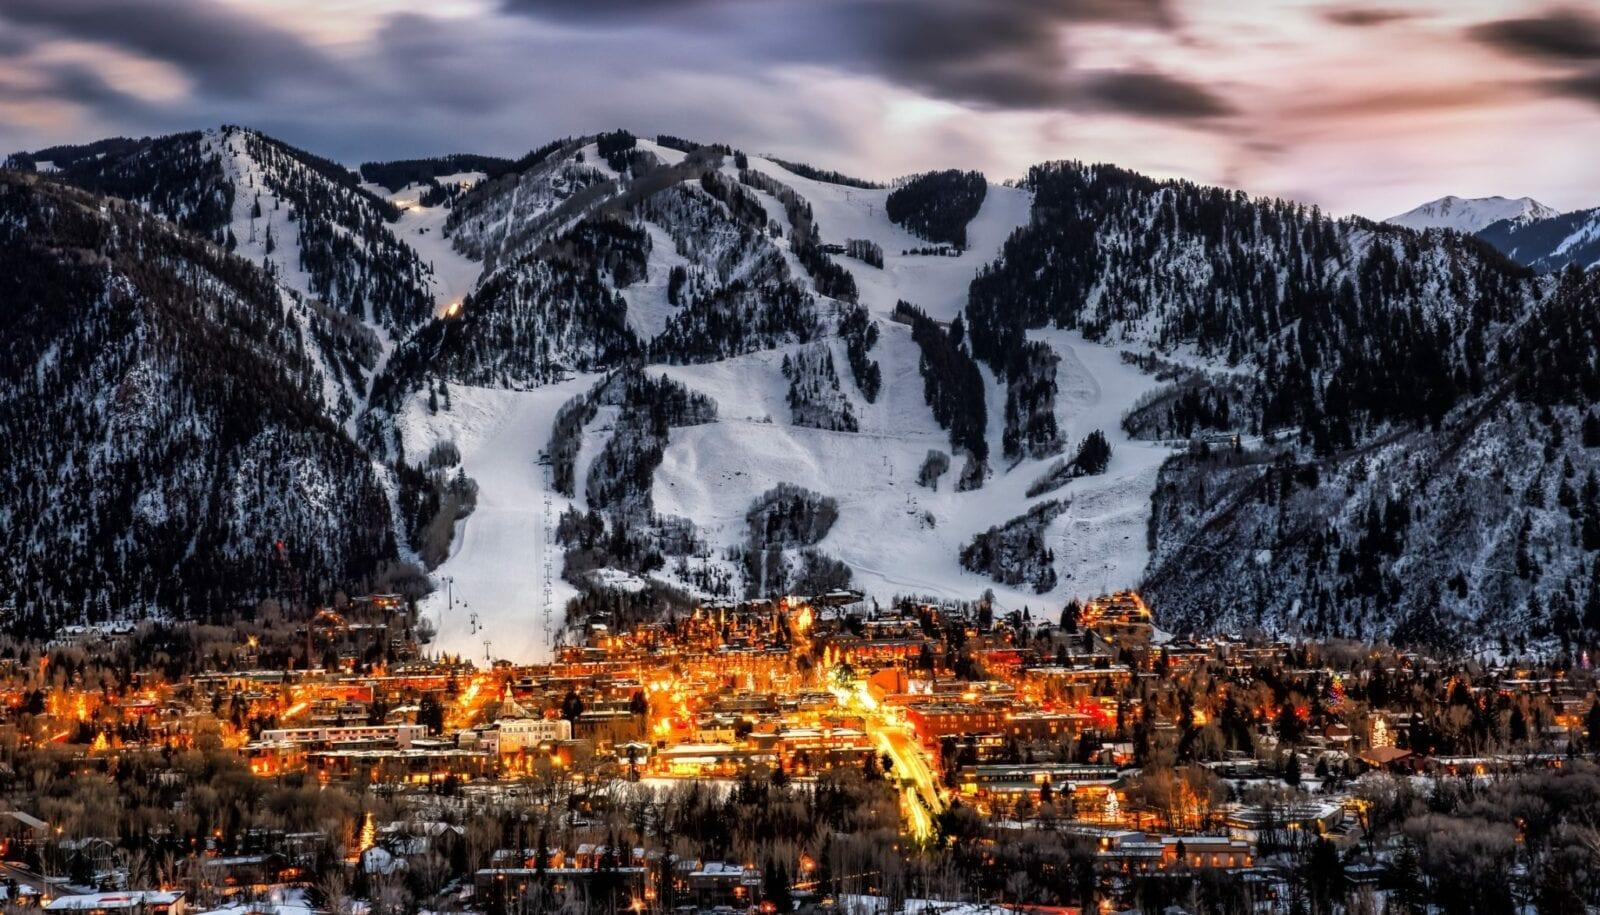 image of Aspen Colorado